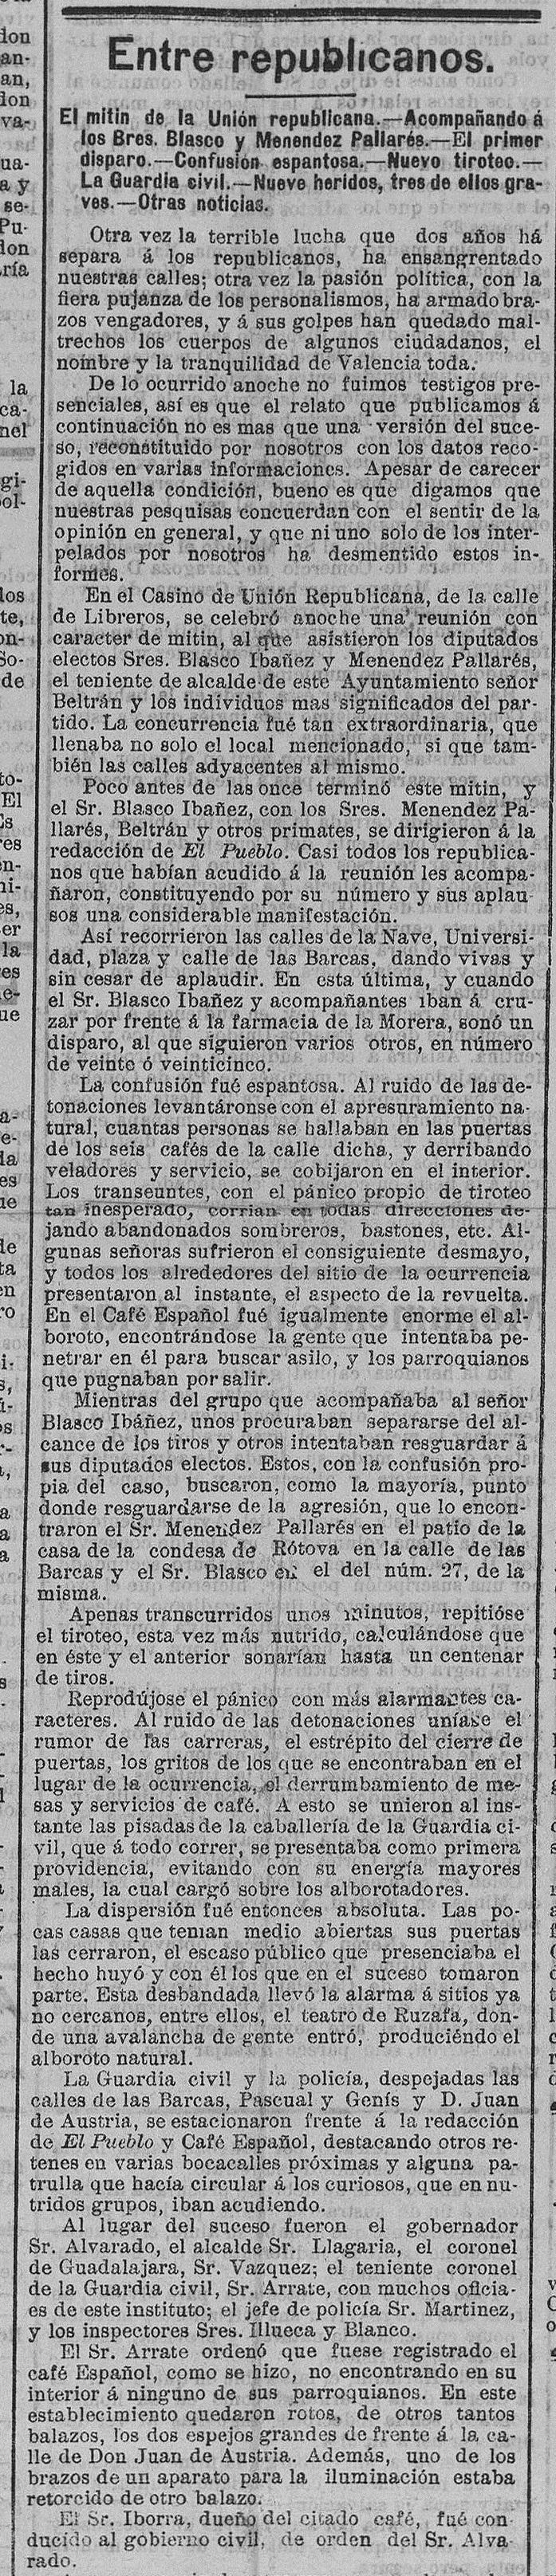 Atentado del 11 de septiembre de 1905 (Las Provincias, 12 de septiembre de 1905).